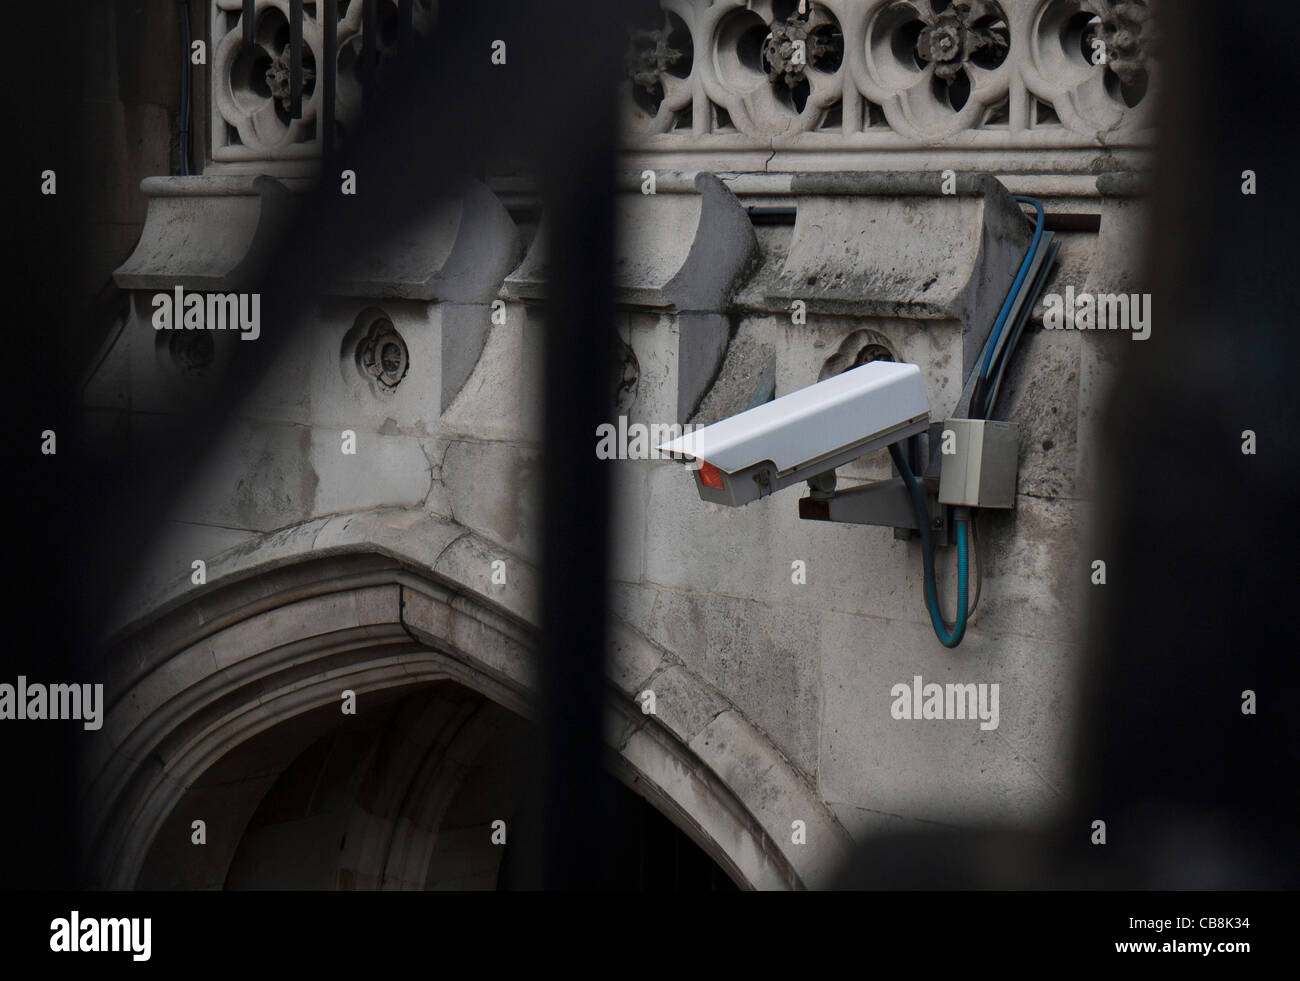 Caméra de sécurité CCTV attaché à bâtiment historique à Londres Photo Stock